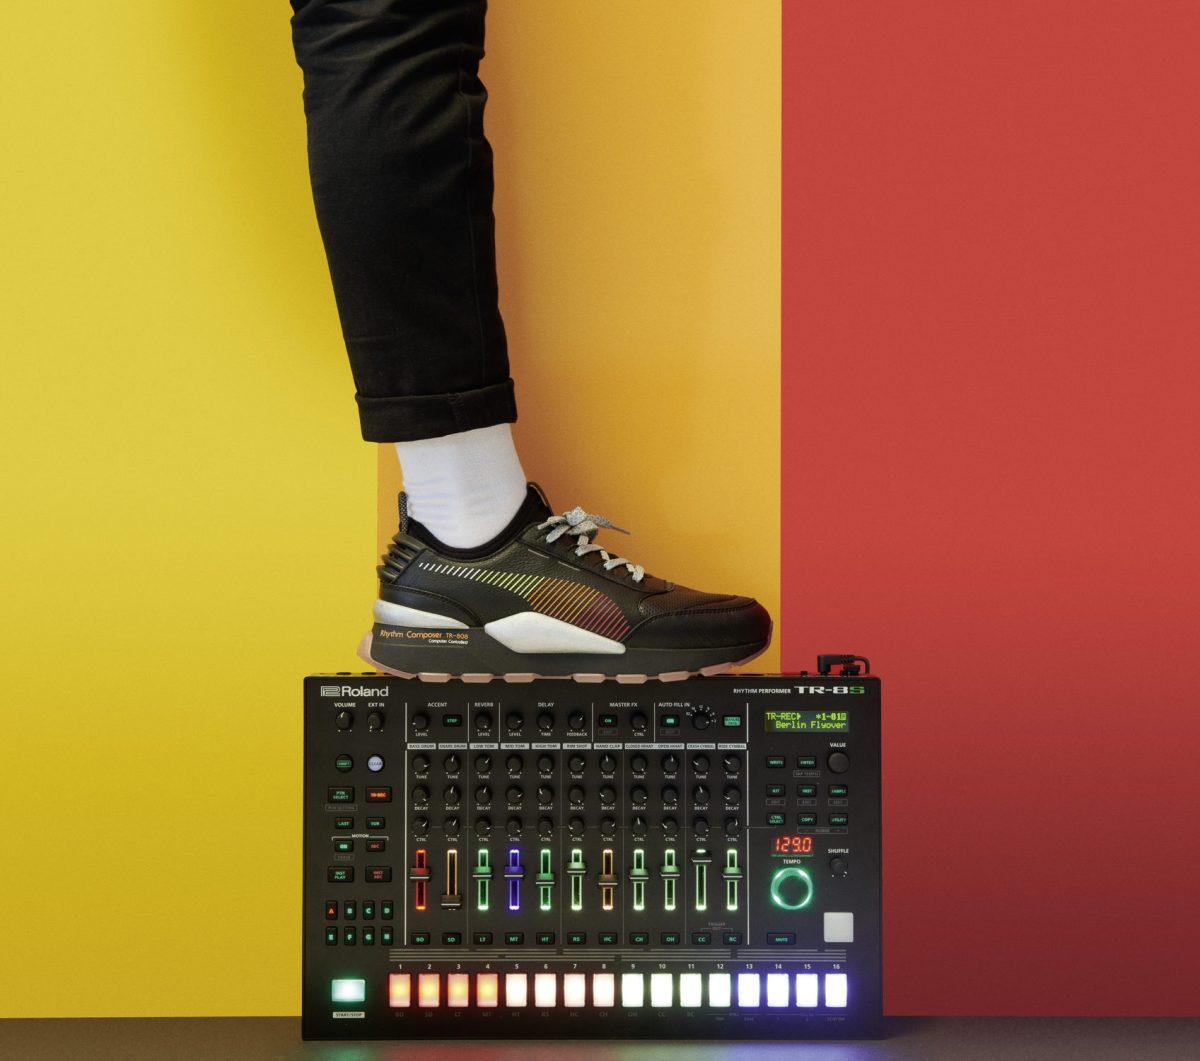 puma rs0 roland 01 - PUMA lança tênis inspirado em sintetizador da Roland